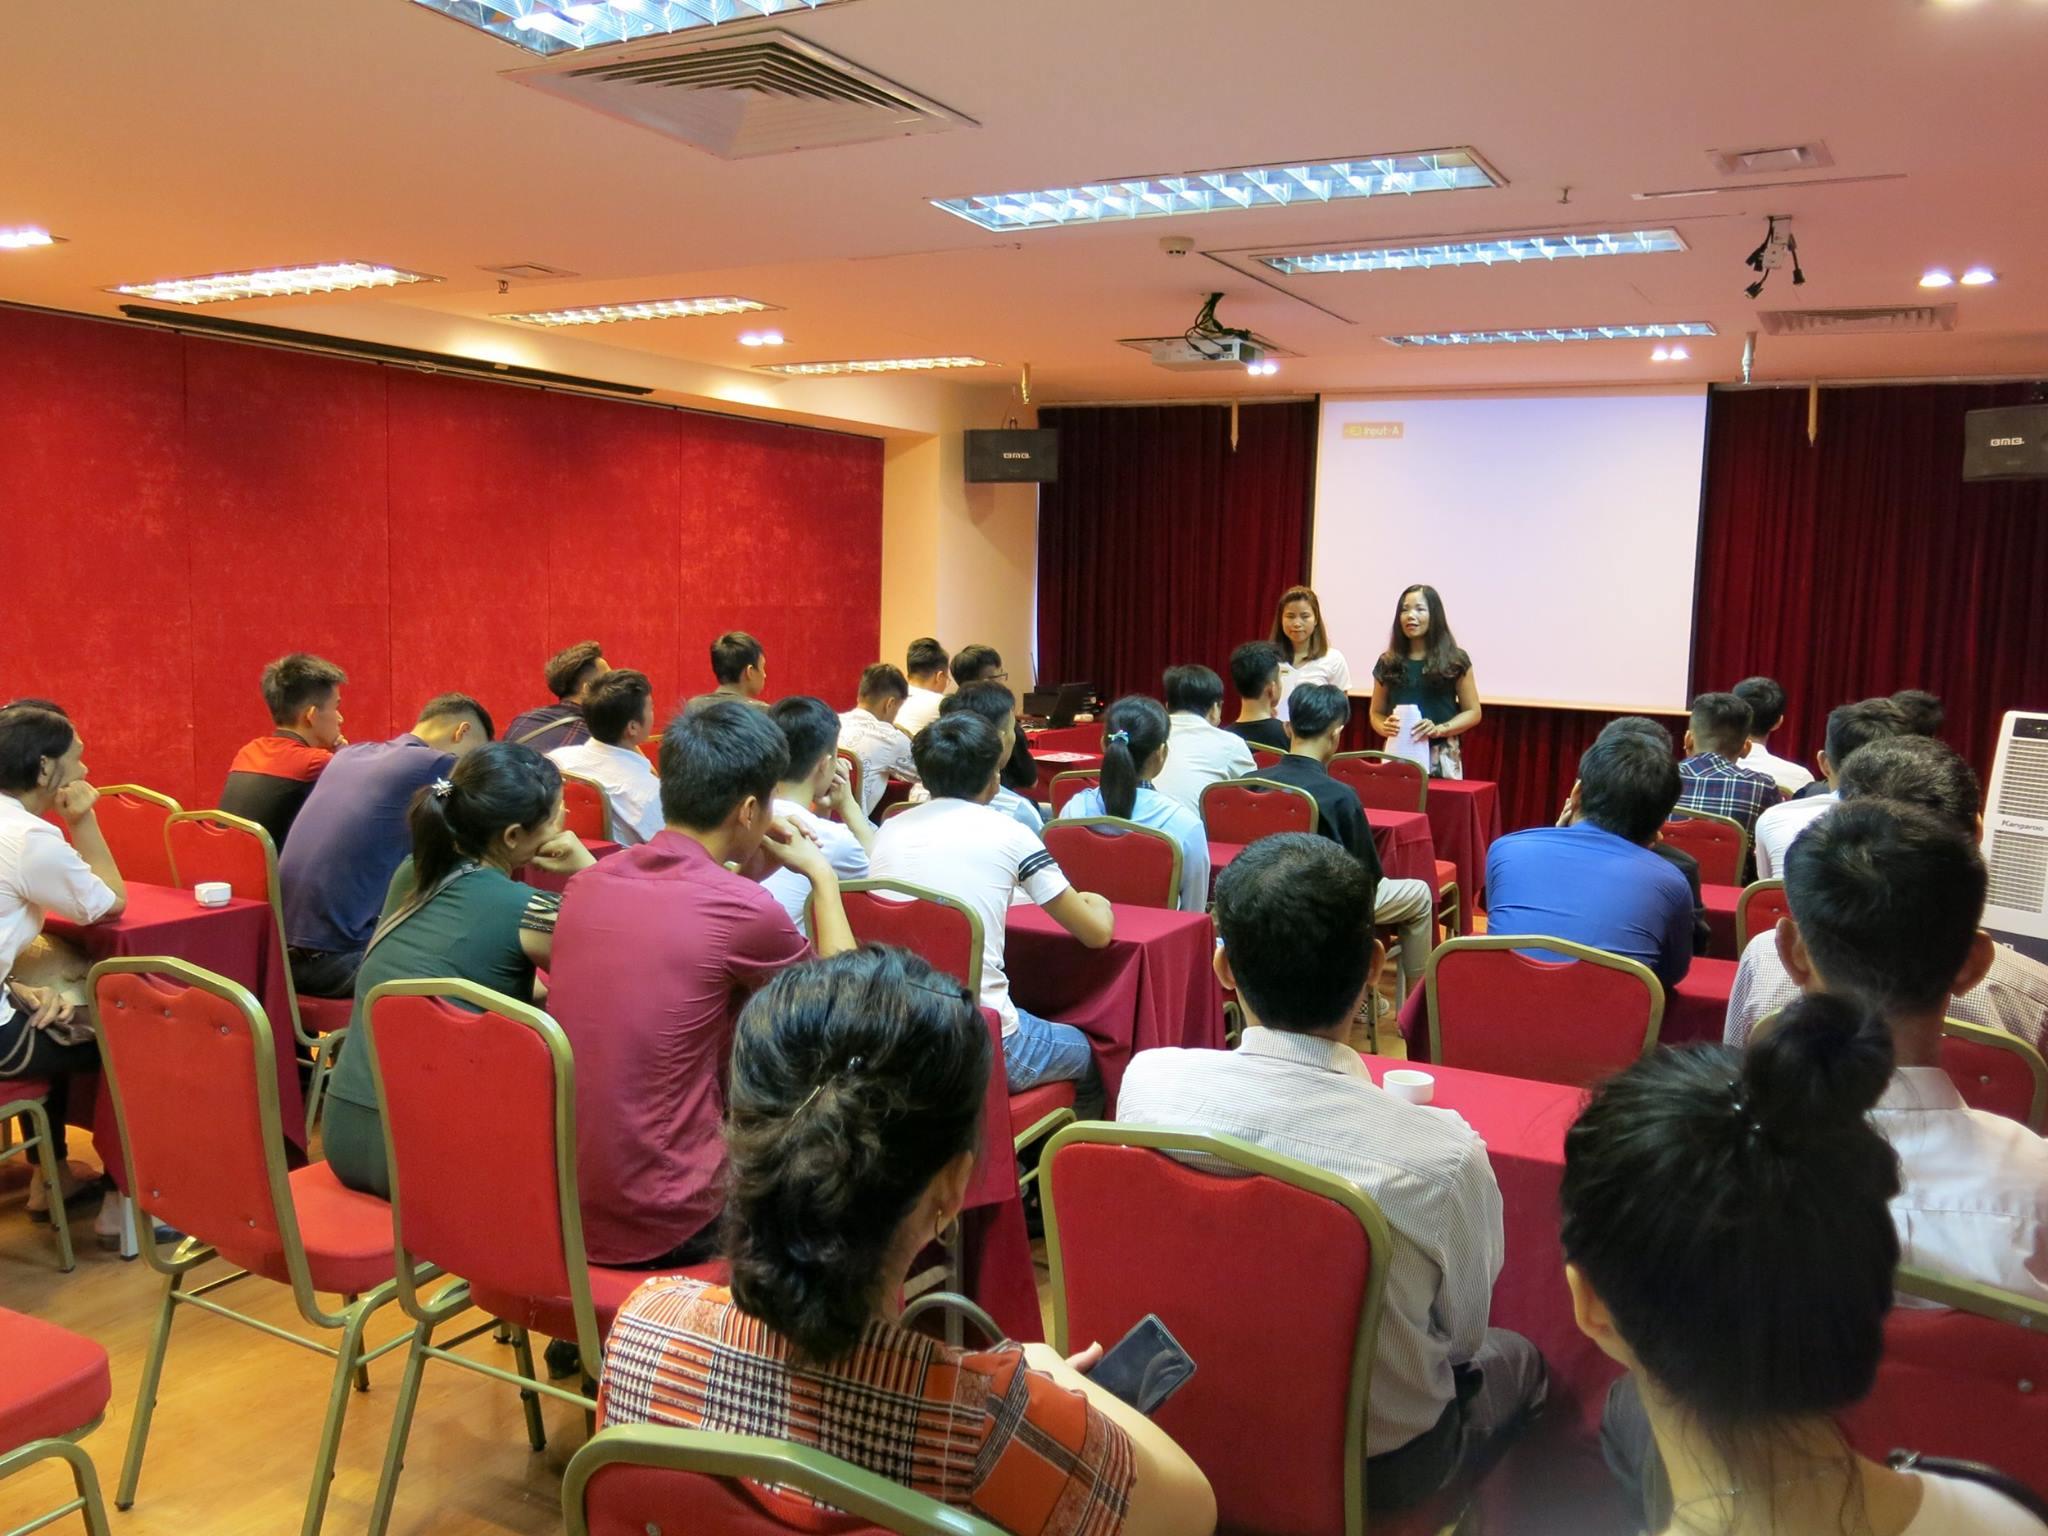 Cho thuê hội trường - Phòng hội thảo - Phòng đào tạo tại Hà Nội